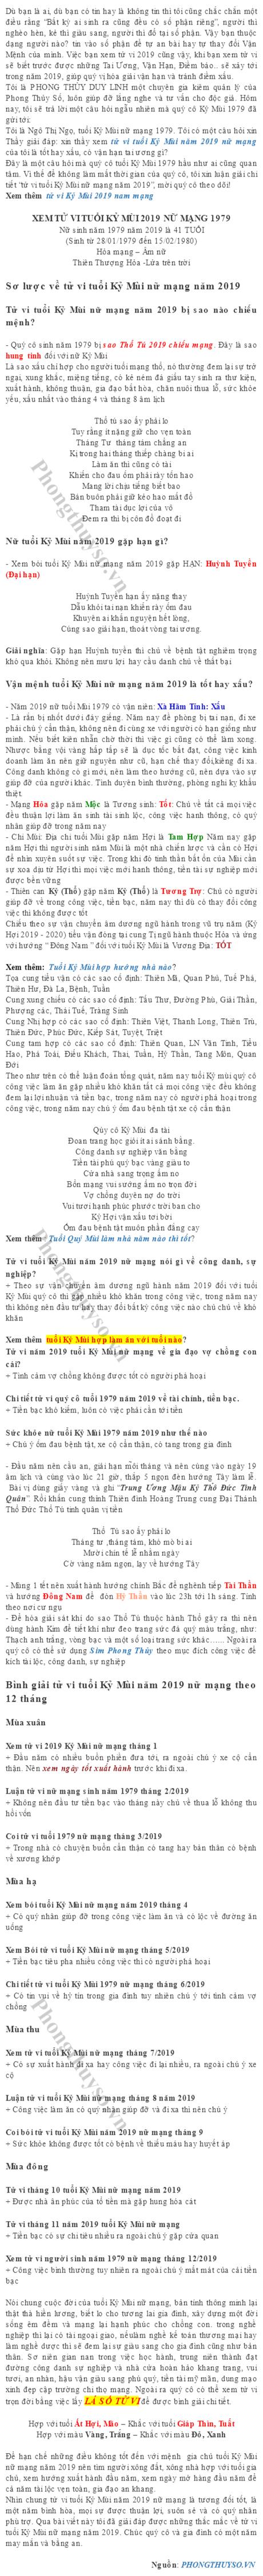 tu-vi-tuoi-ky-mui-nam-2019-nu-mang